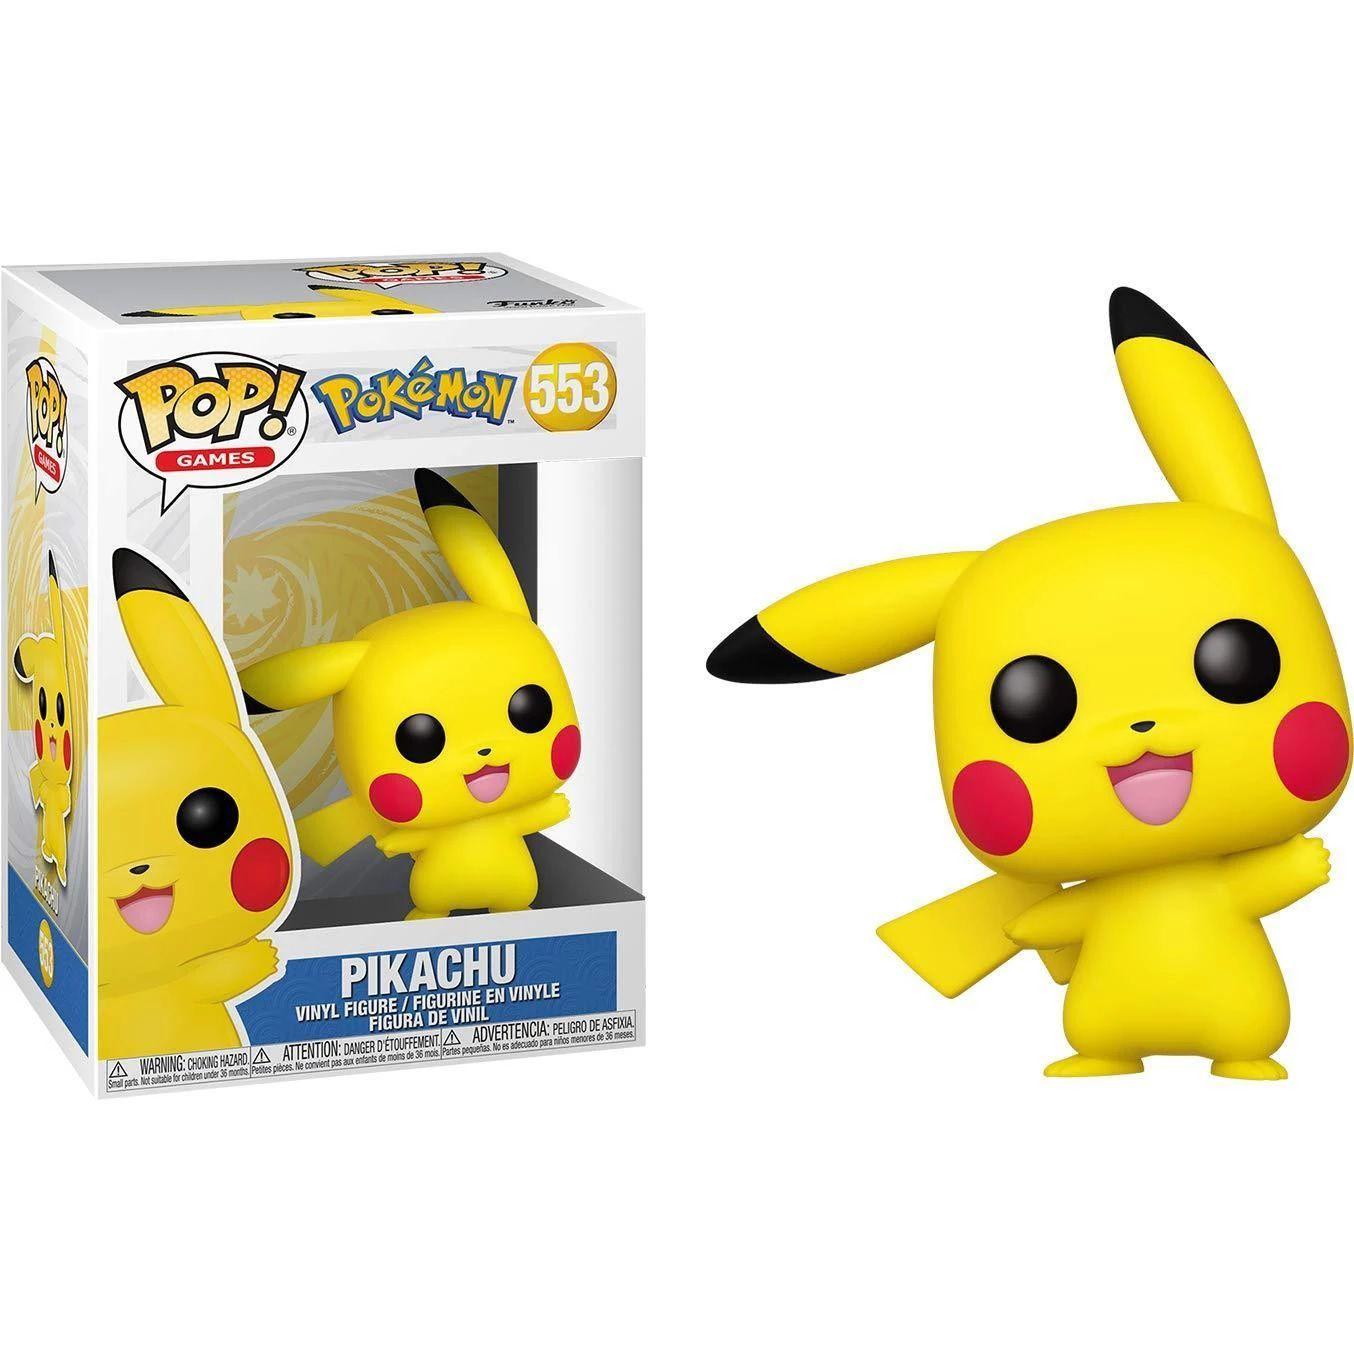 Funko POP -  Pikachu - Pokémon #553